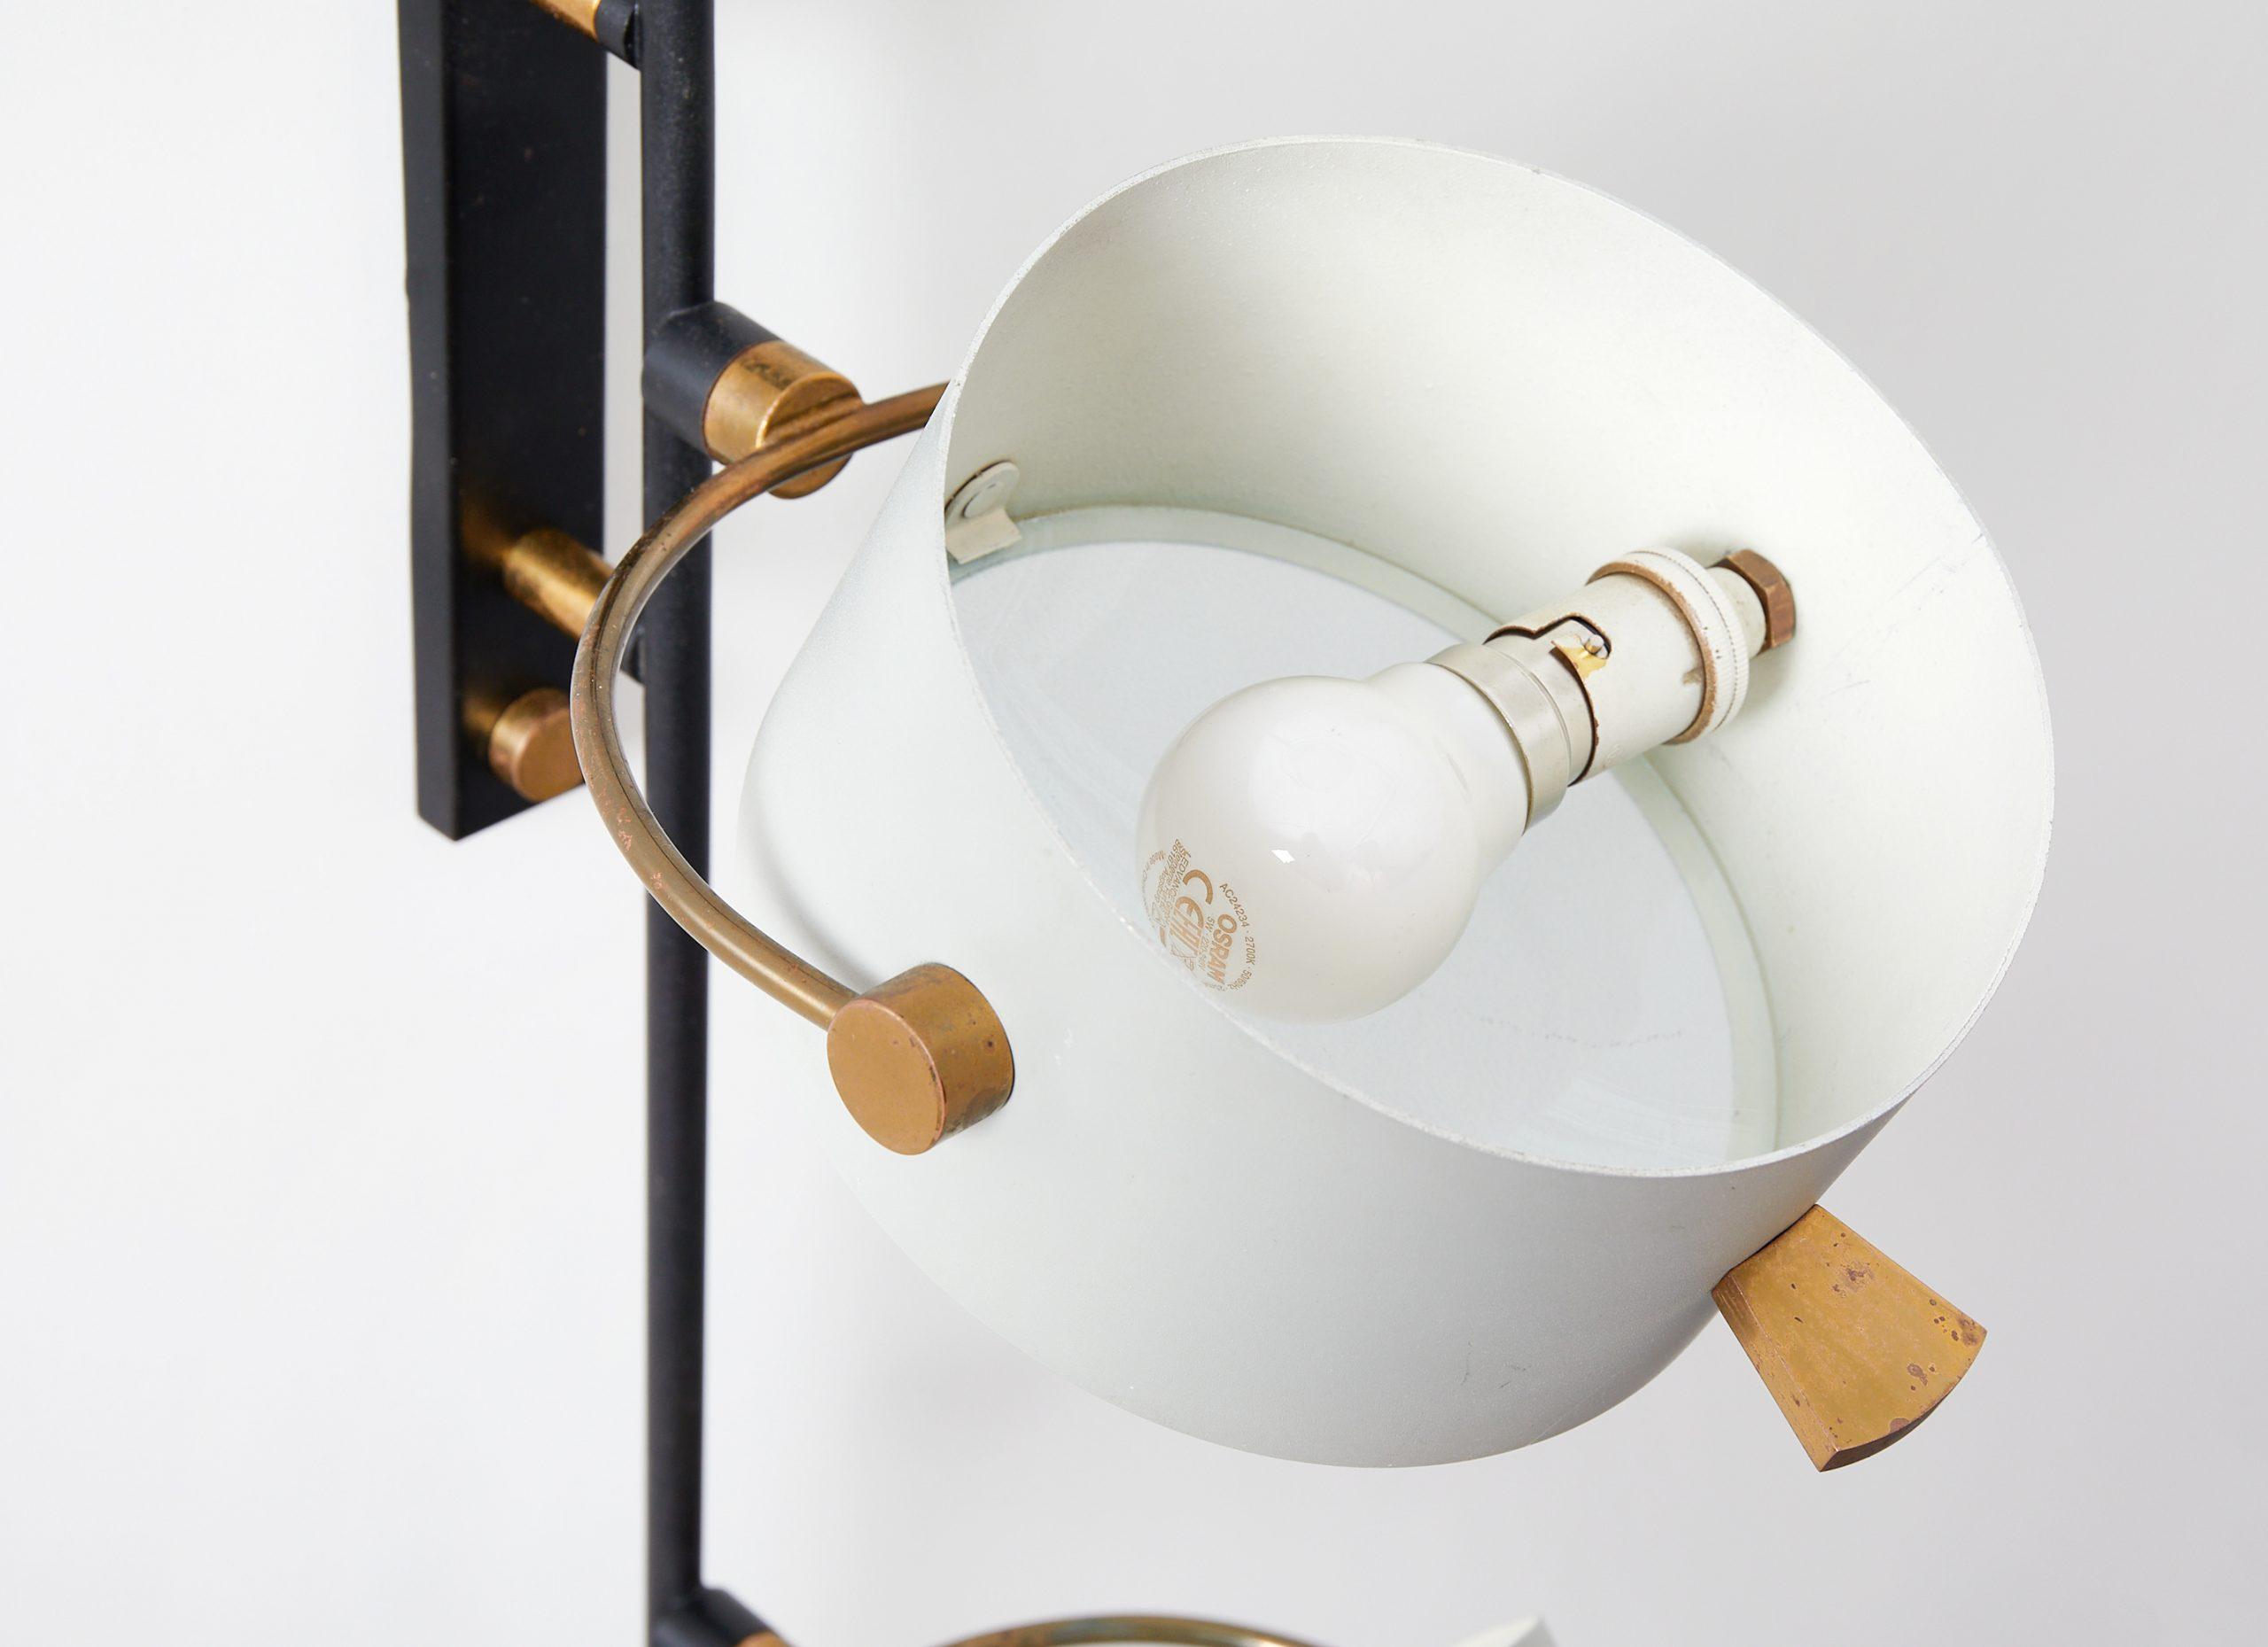 grande-applique-editions-lunel-a-trois-reflecteurs-image-11